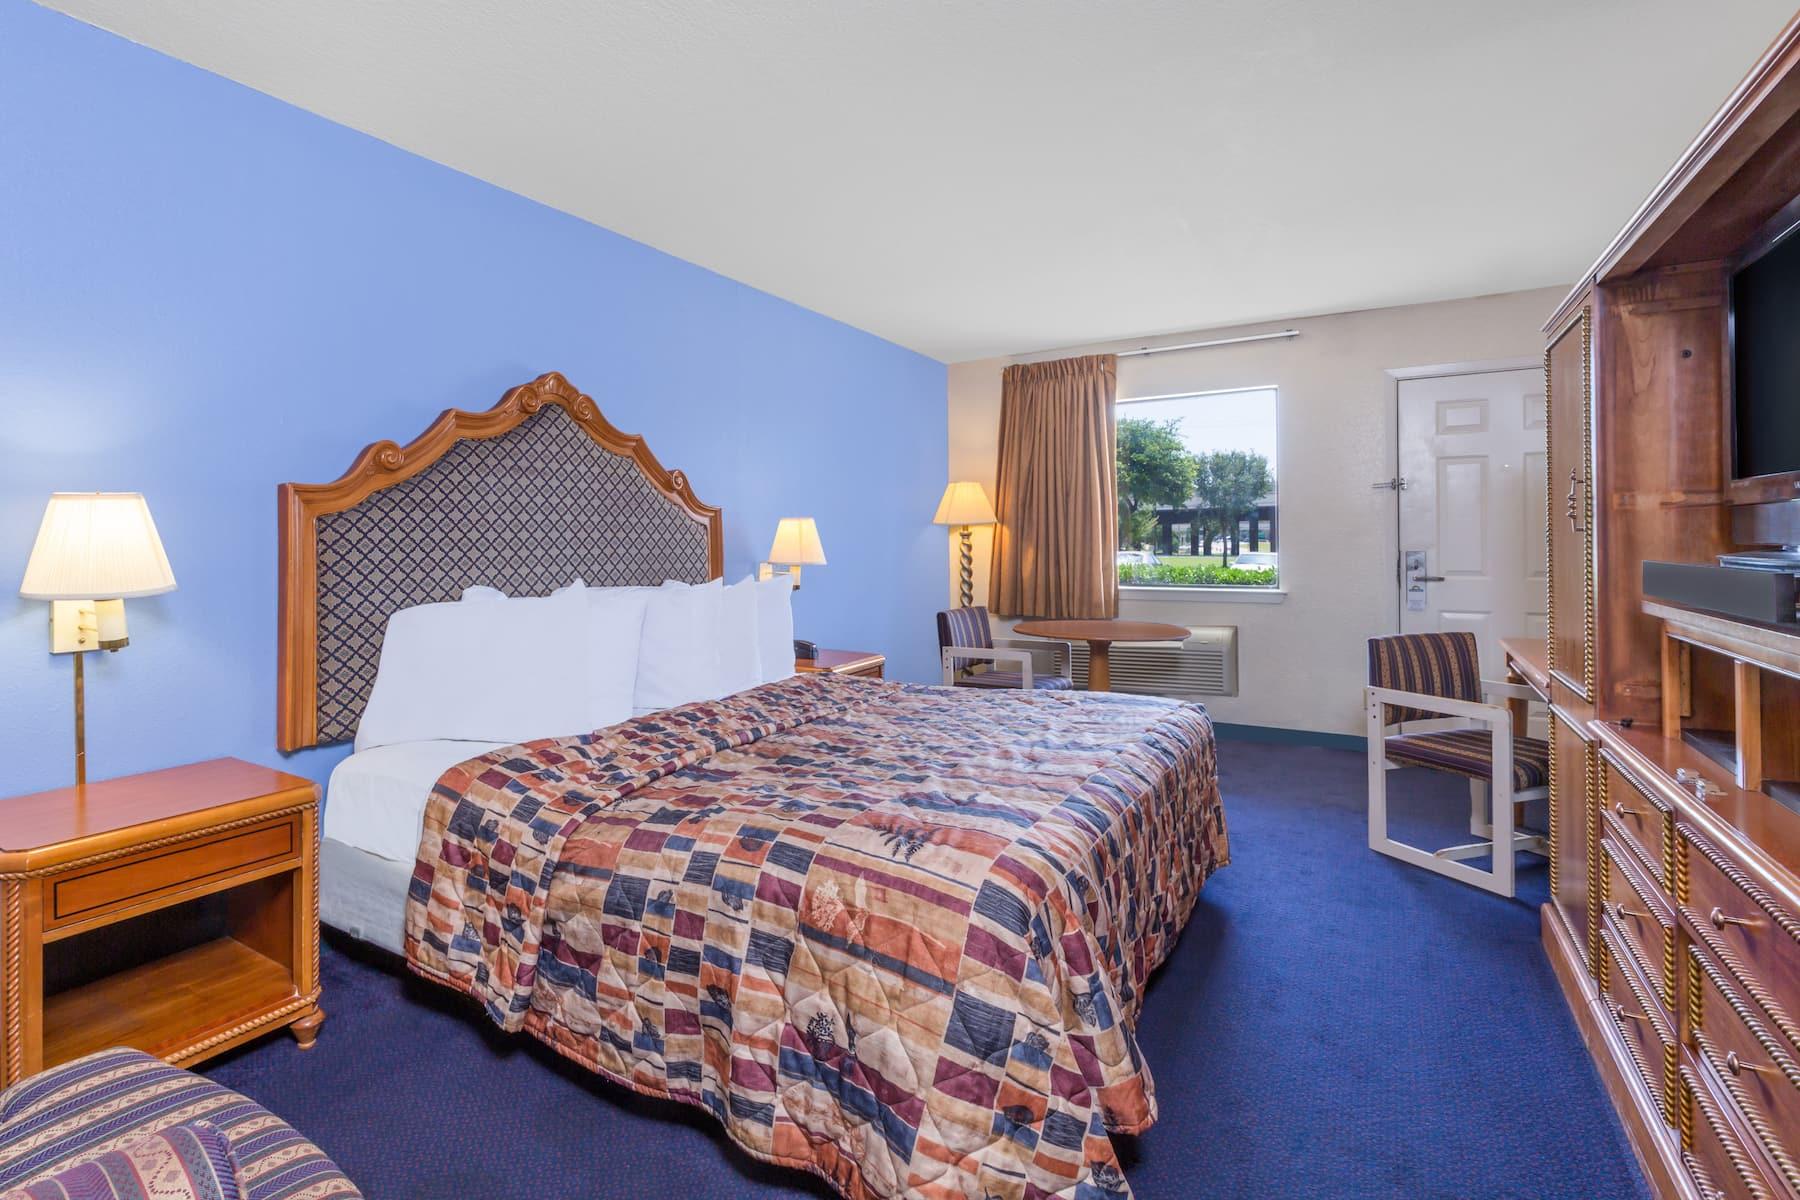 Days Inn By Wyndham San Antonio San Antonio Tx Hotels